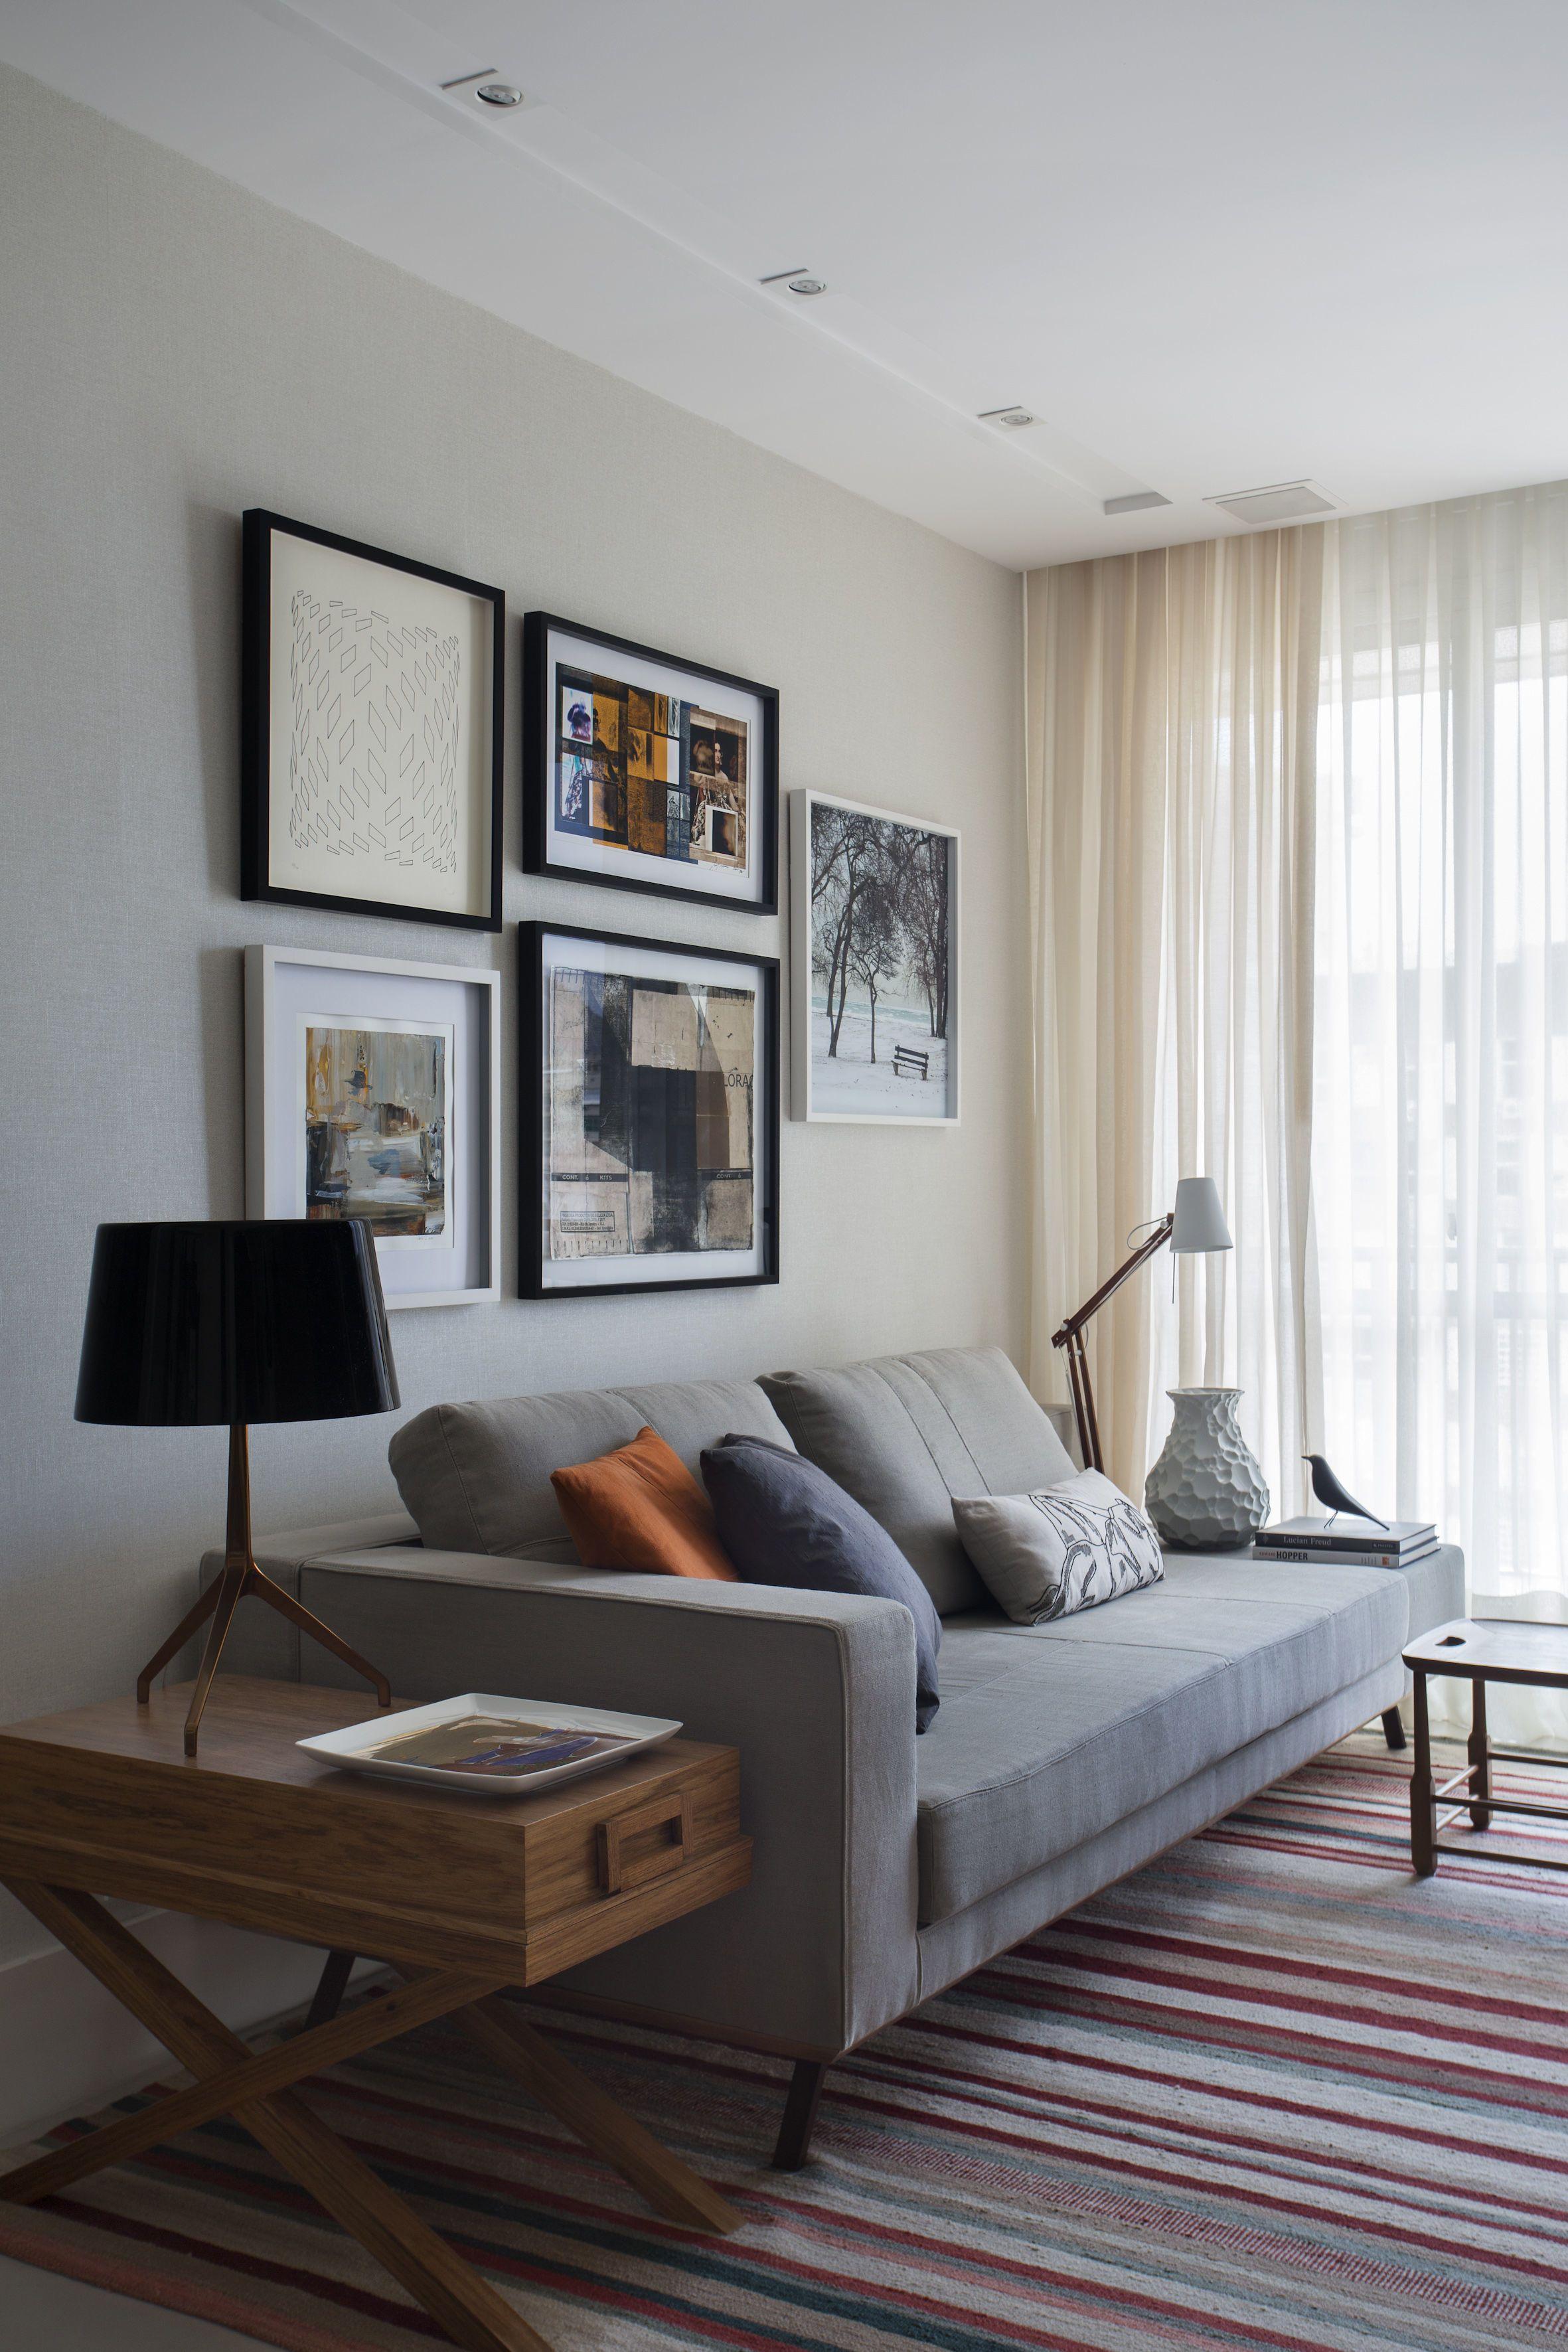 apartamento de 70m2 em botafogo projetado pelas arquitetas cristina